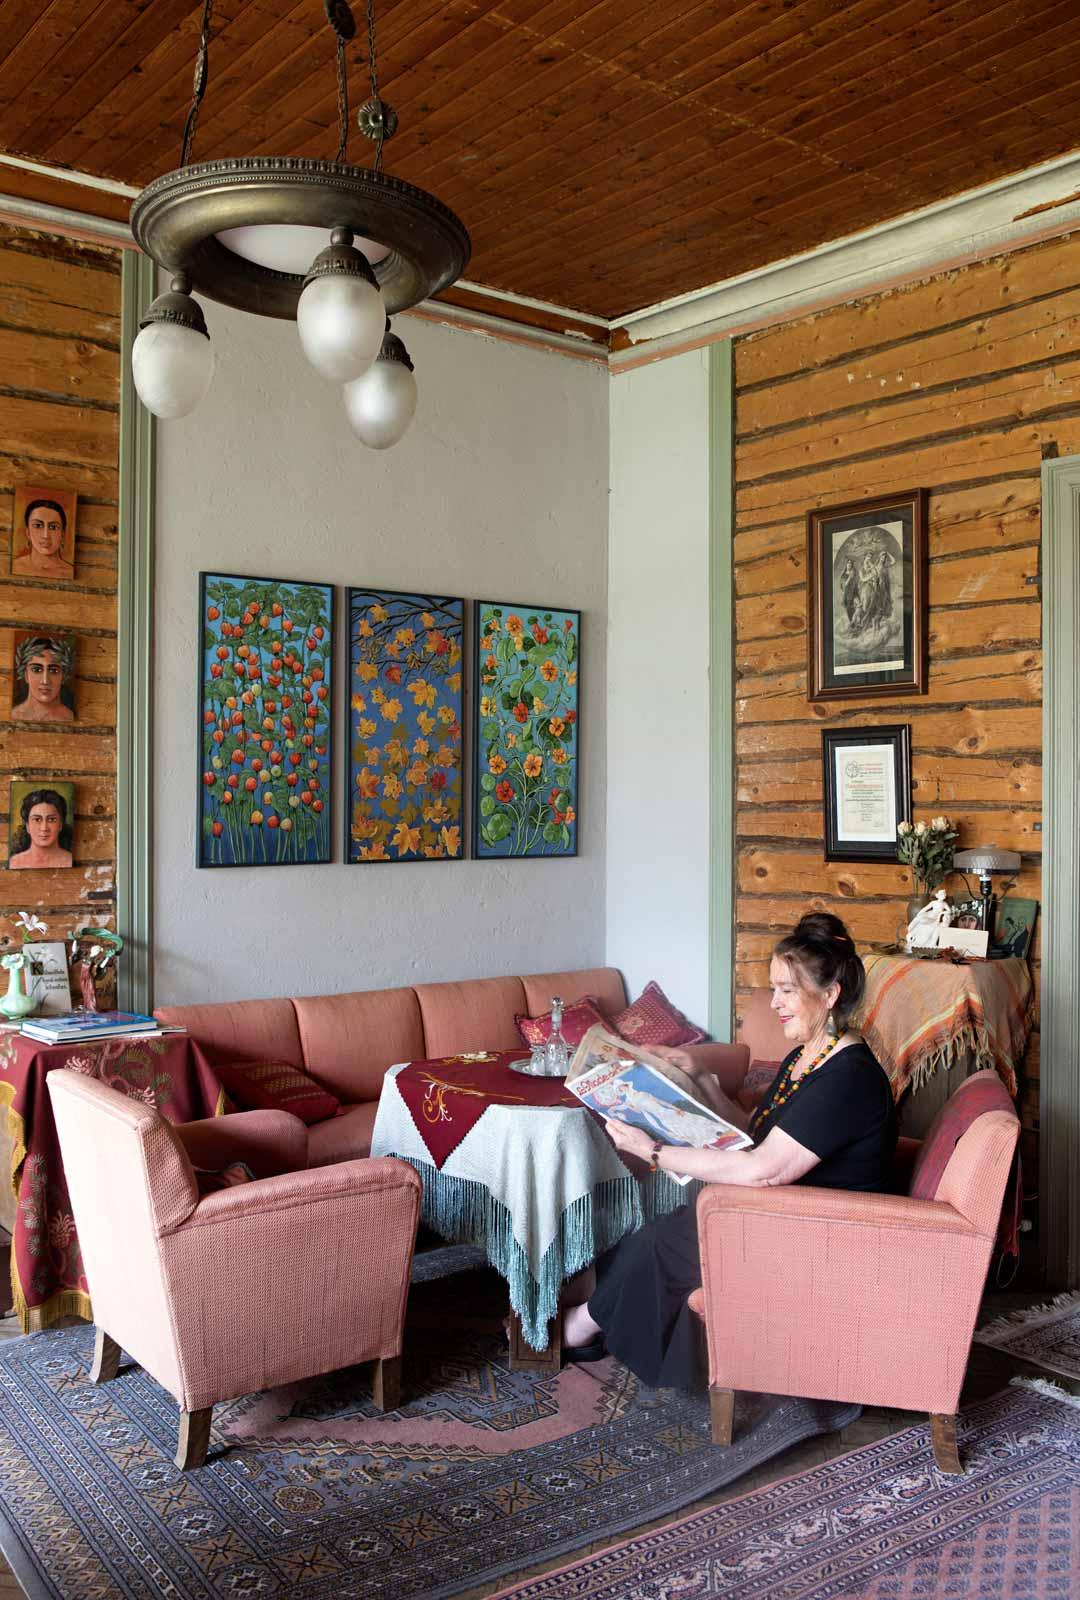 Talon monissa huonekaluissa on vielä alkuperäinen verhoilu 30-luvulta, kuten salin sohvaryhmässä. Seinällä on Kaisan taidetta.